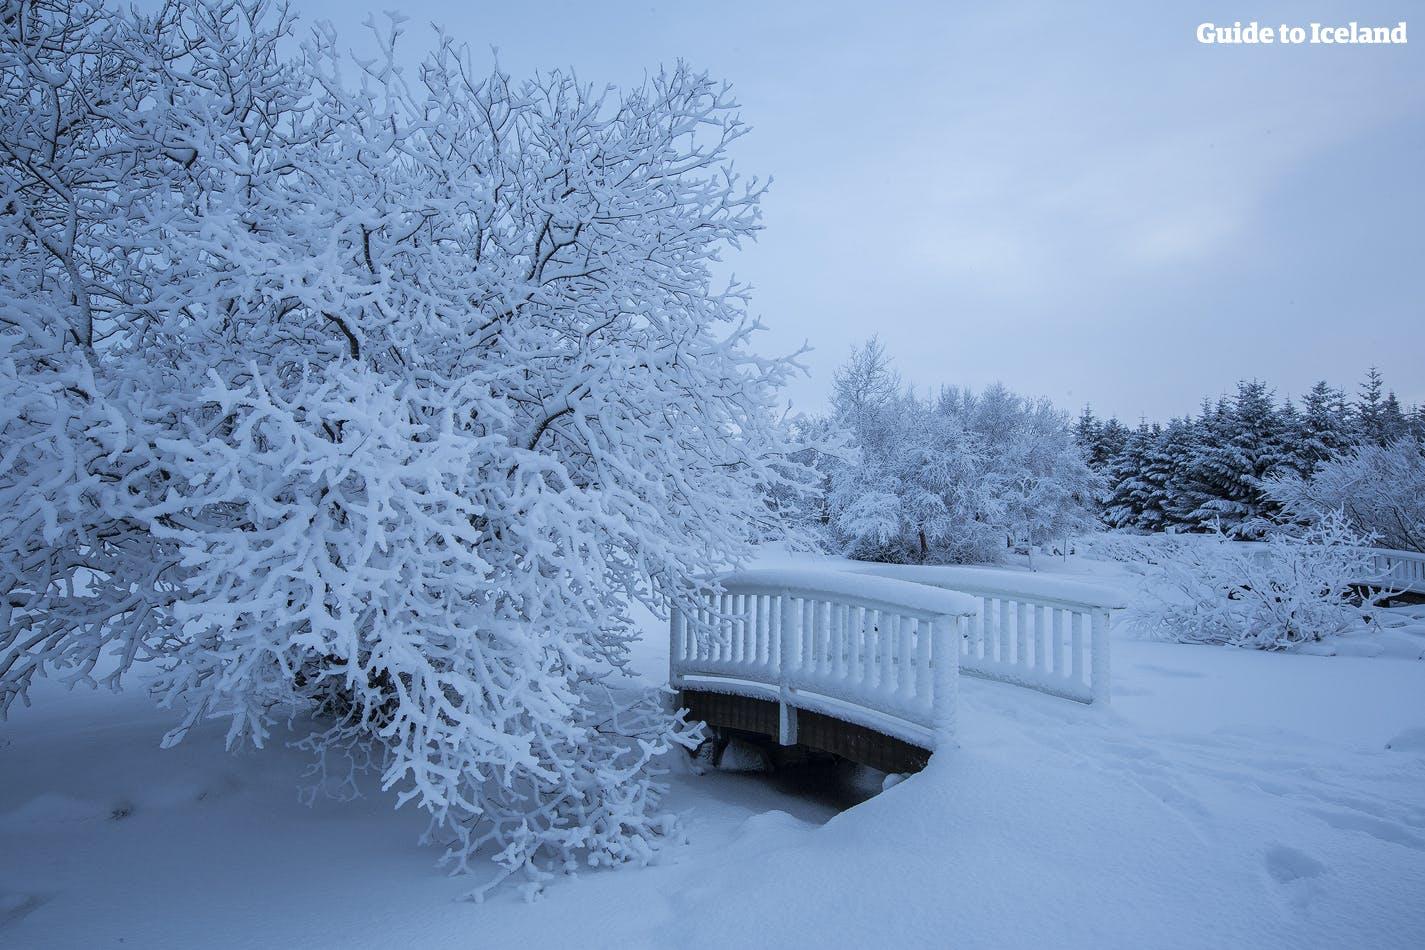 Cuando cae la nieve en Reikiavik, la ciudad se convierte en un paraíso invernal